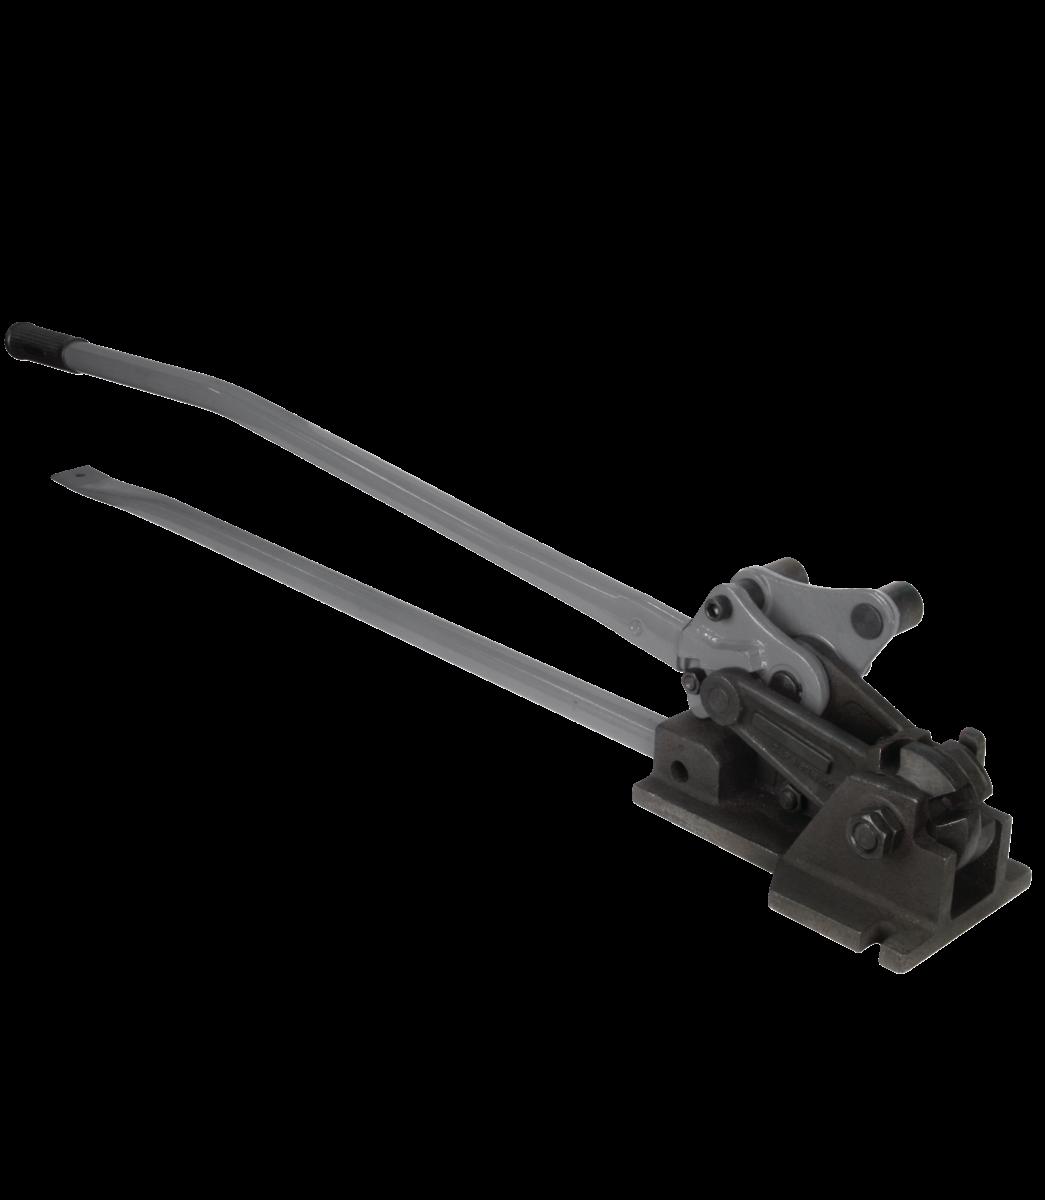 """RCB-25 Rebar Cutter & Bender 5/8"""" Capacity"""